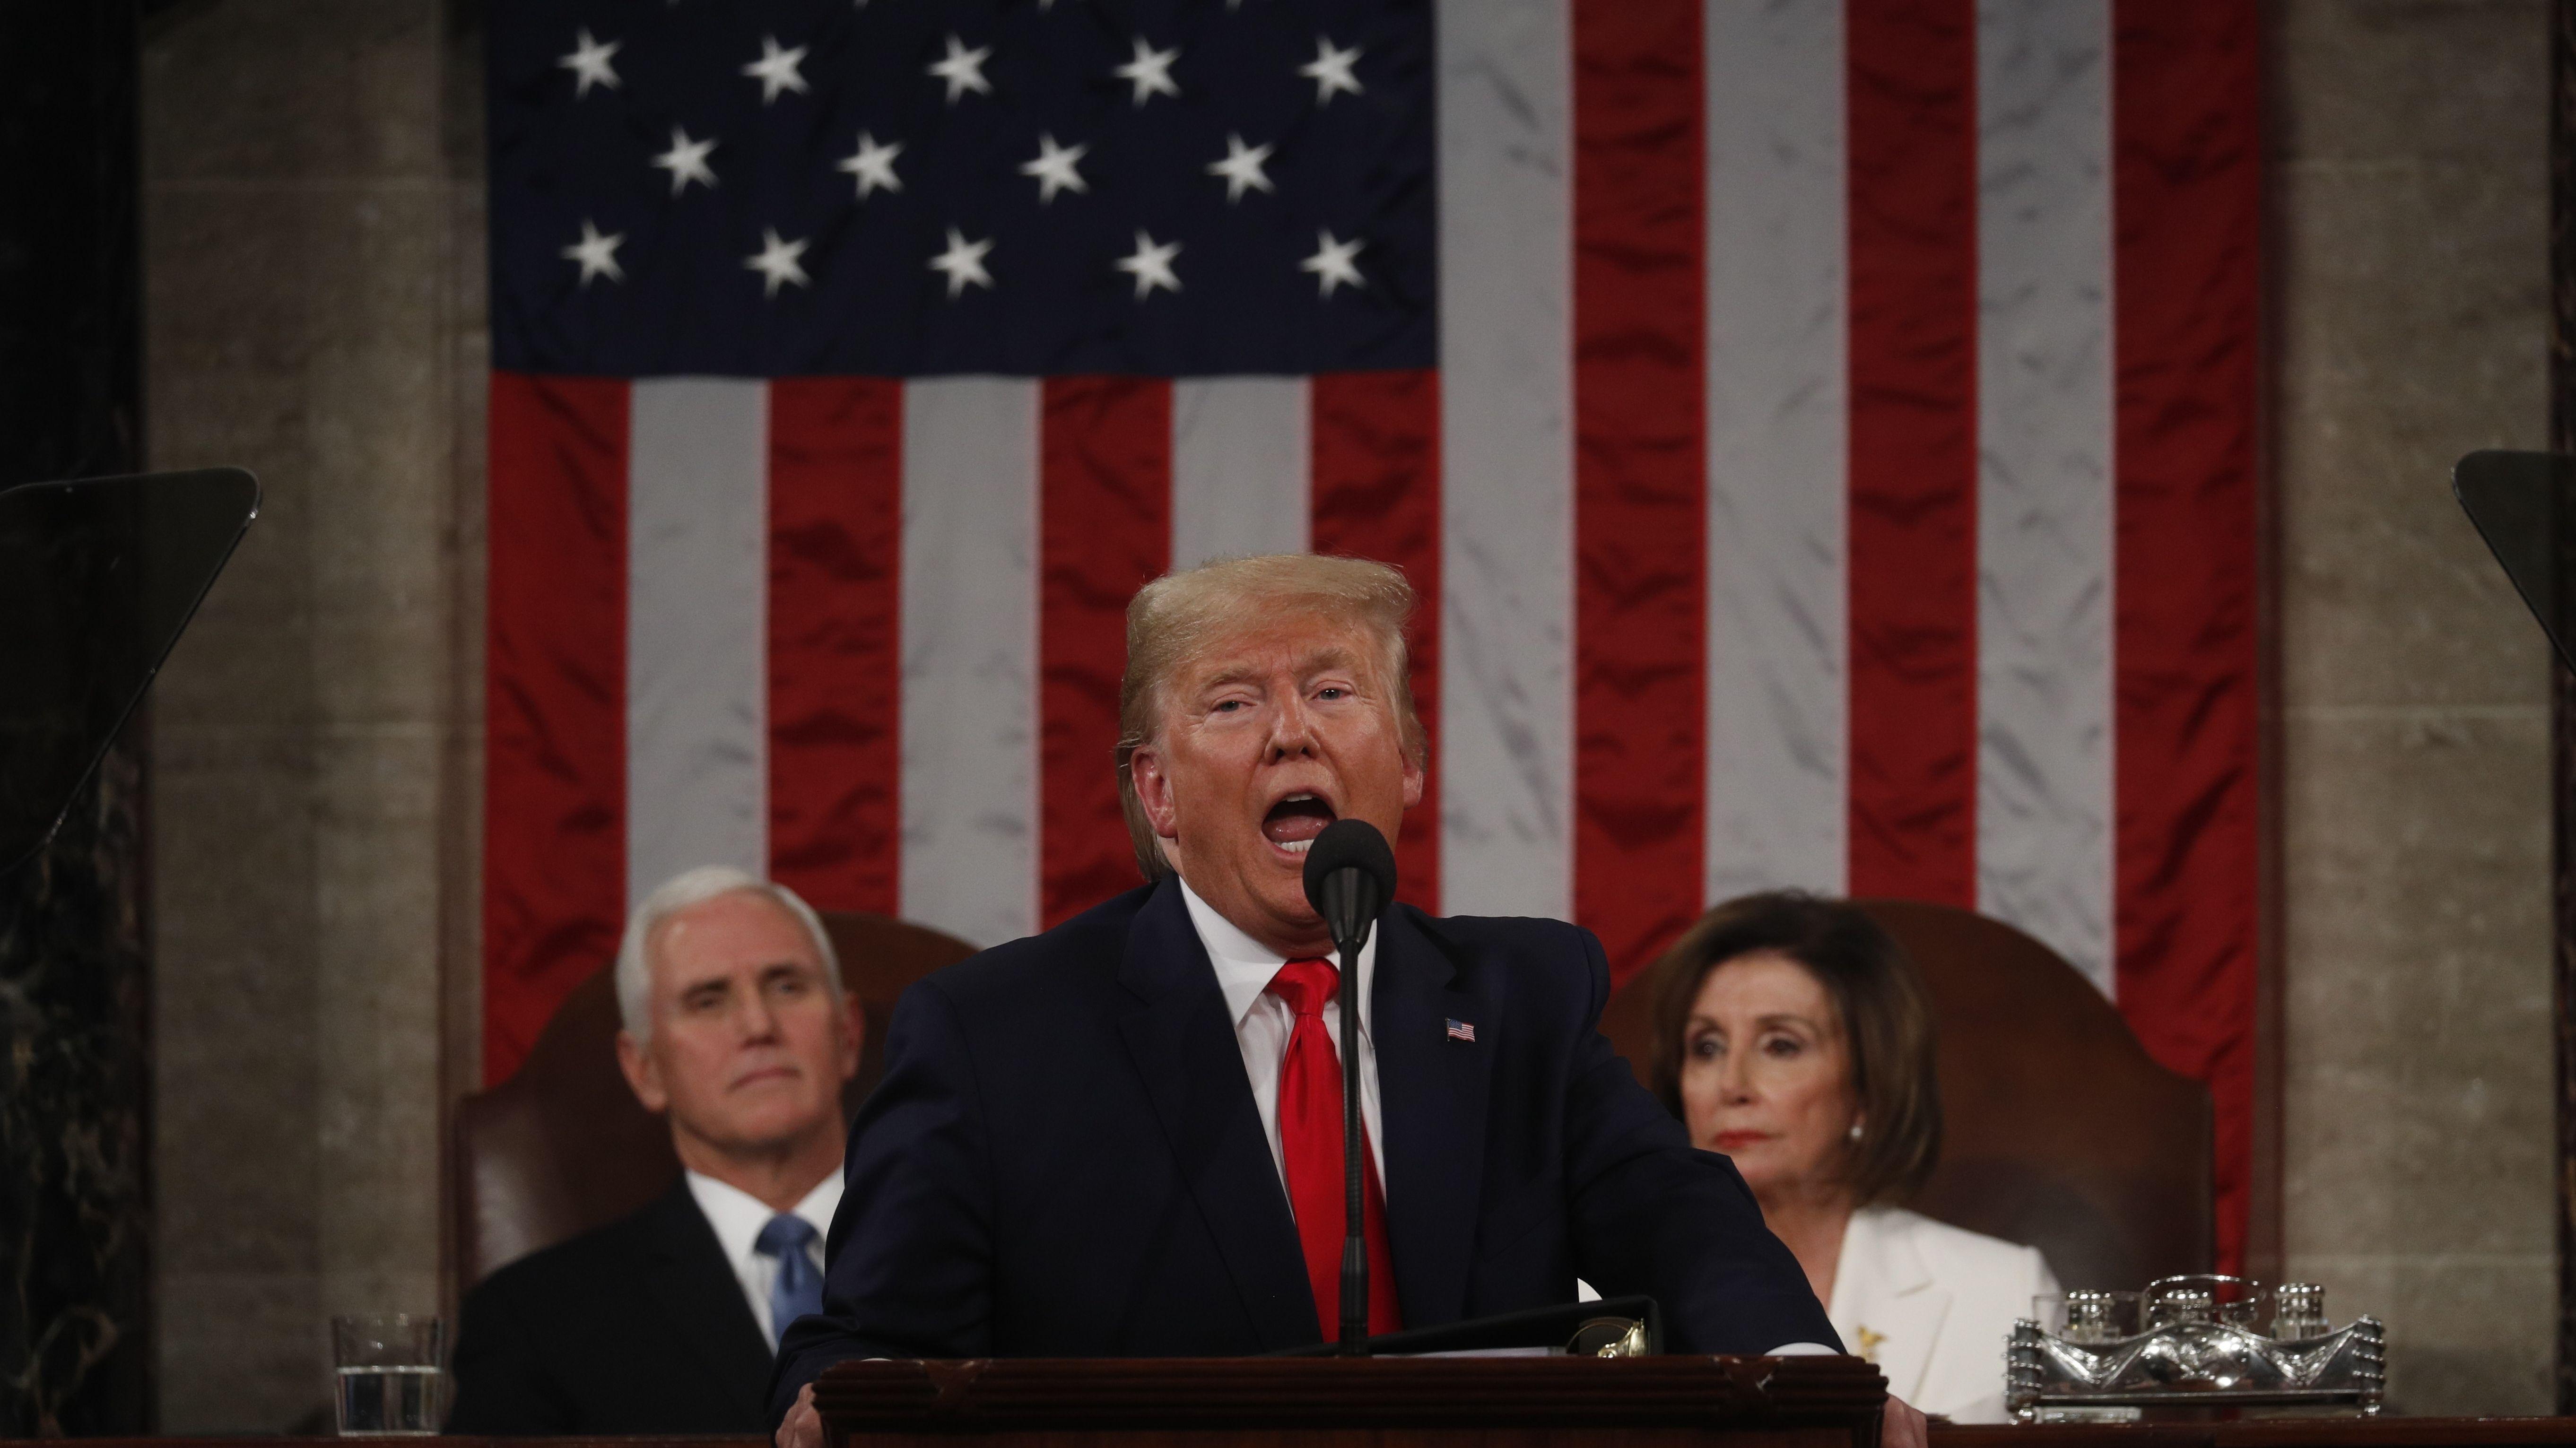 Rede zur Lage der Nation - Trump rühmt seine Wirtschaftspolitik